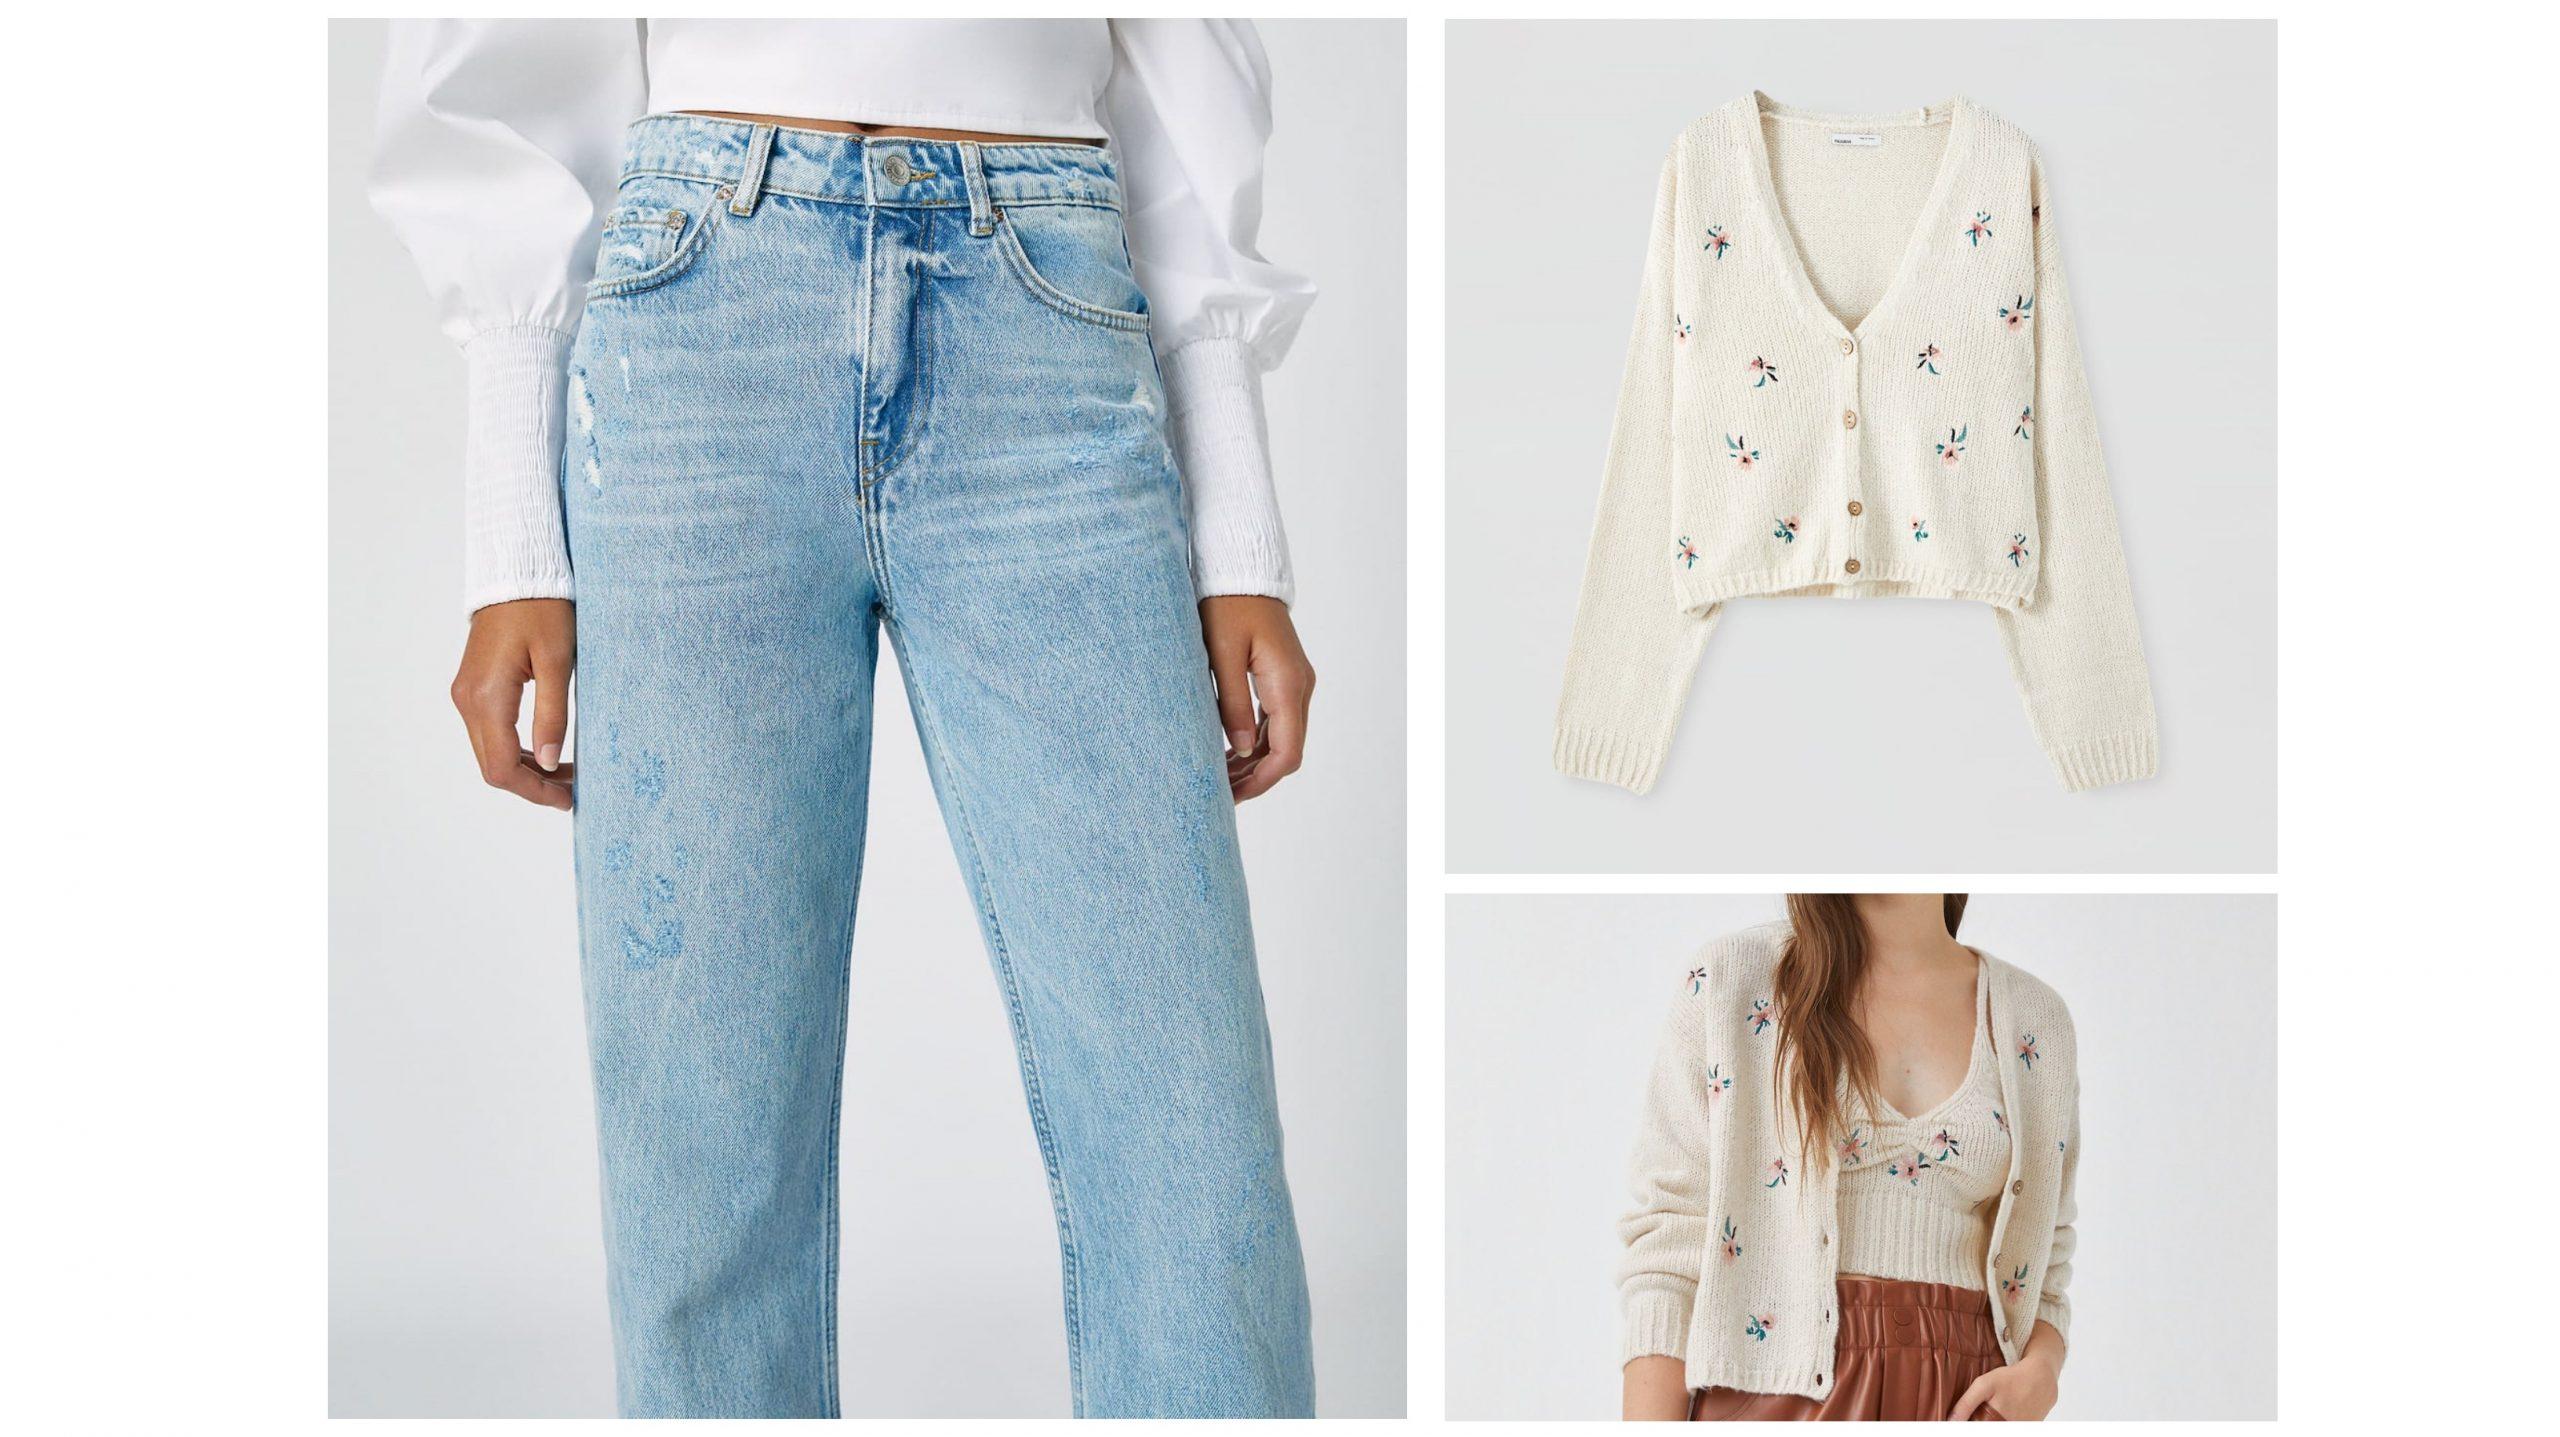 Total look de pull and bear formado por unos pantalones boyfriend, una chaqueta y un top de punto con estampado de flores a conjunto.